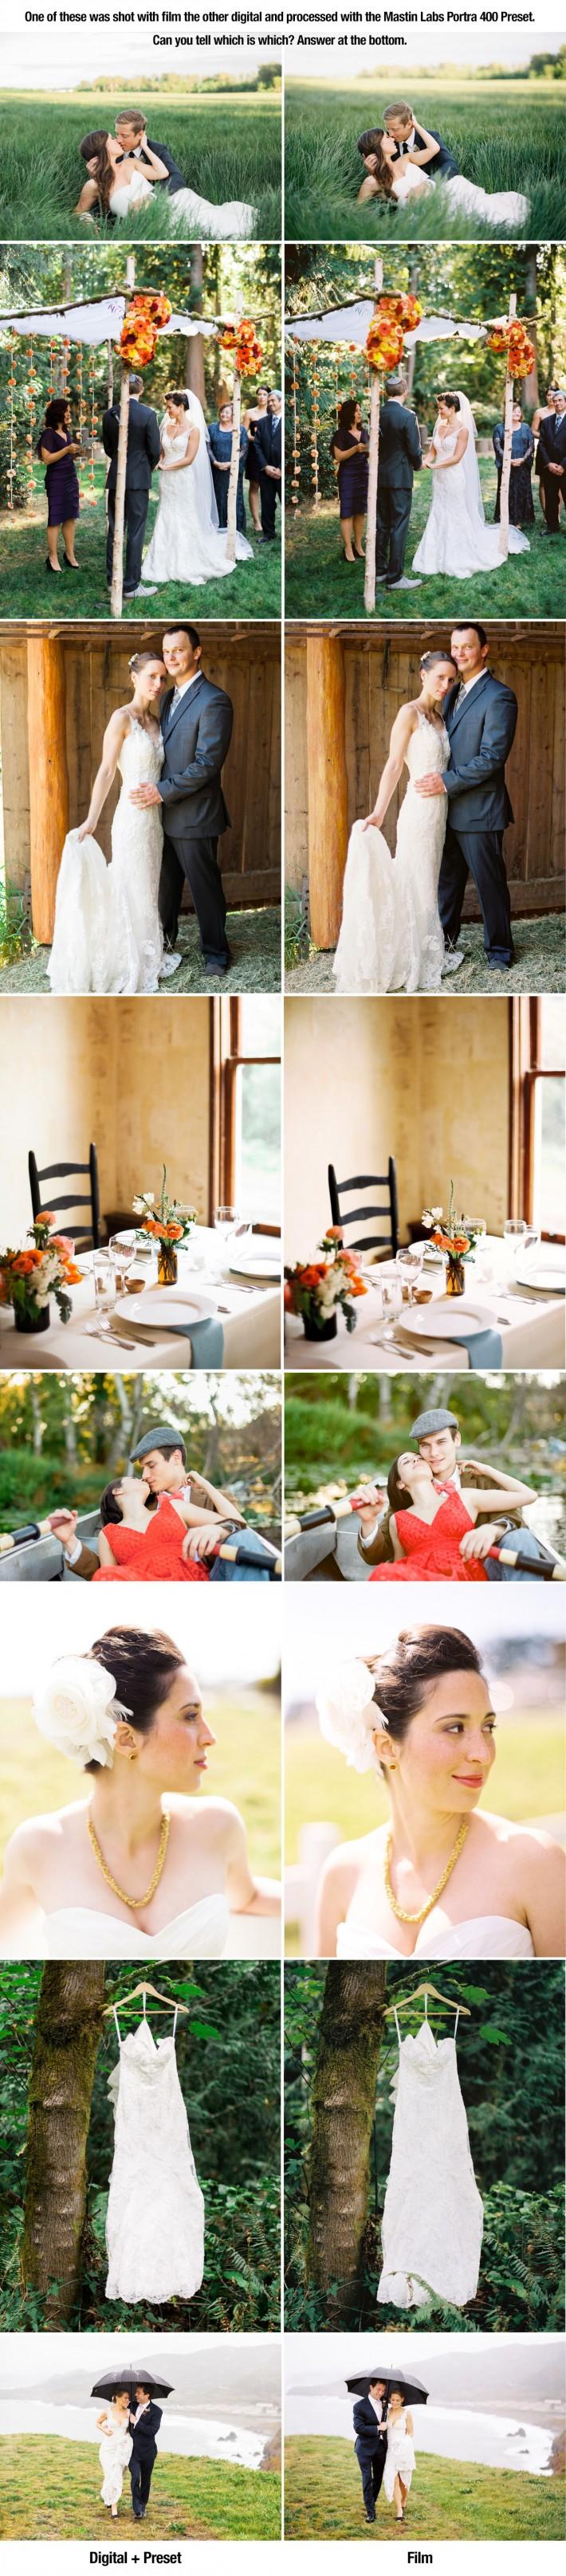 Fstopper Mastin Labs Portra 400 Comparison Digital to film